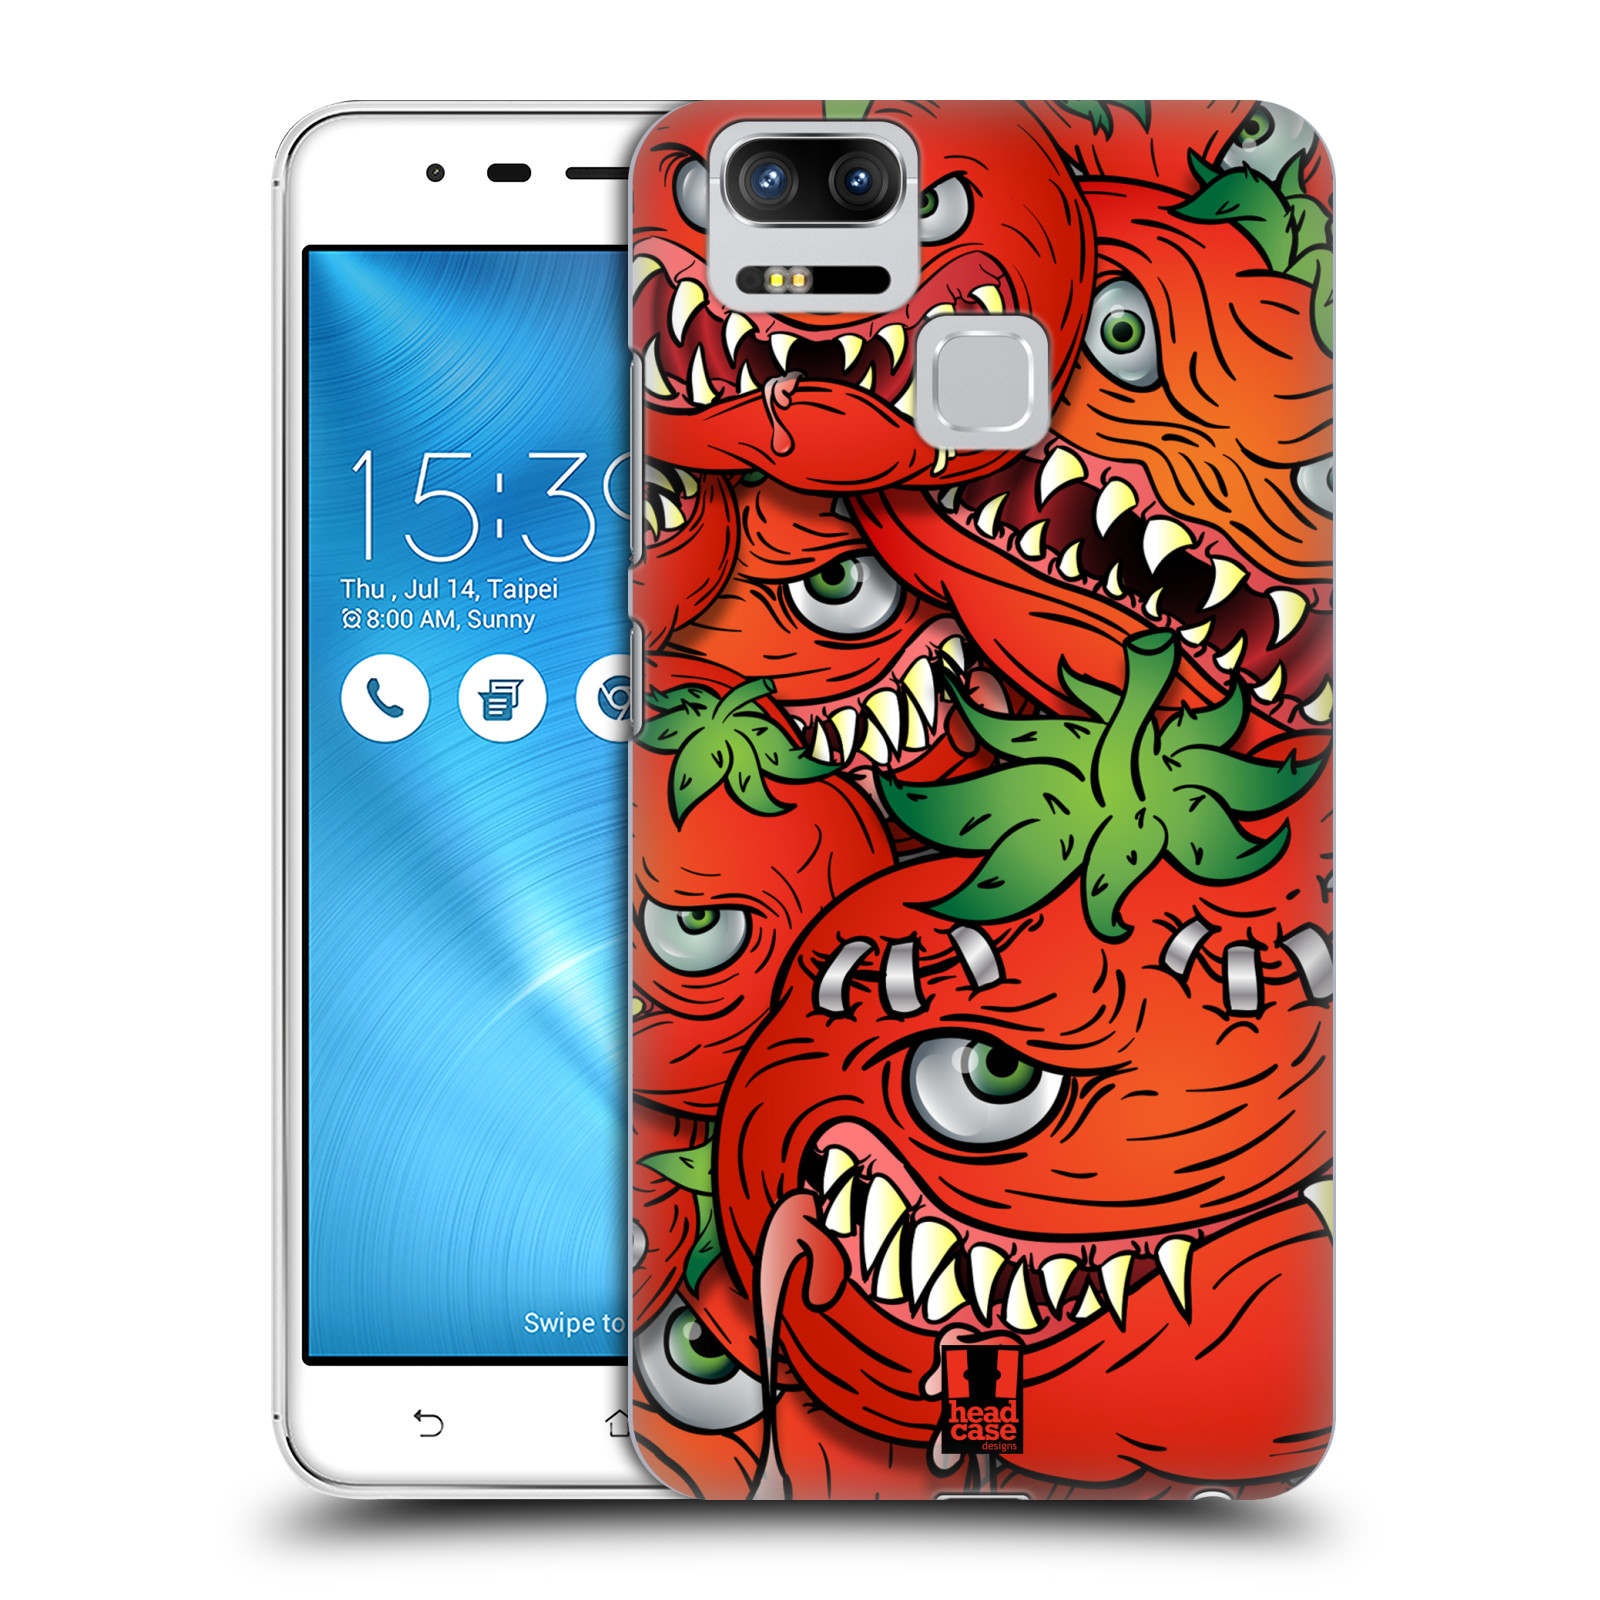 Plastové pouzdro na mobil Asus ZenFone 3 ZOOM ZE553KL - Head Case - Rajčátka (Plastový kryt či obal na mobilní telefon Asus ZenFone 3 ZOOM ZE553KL s motivem Rajčátka)